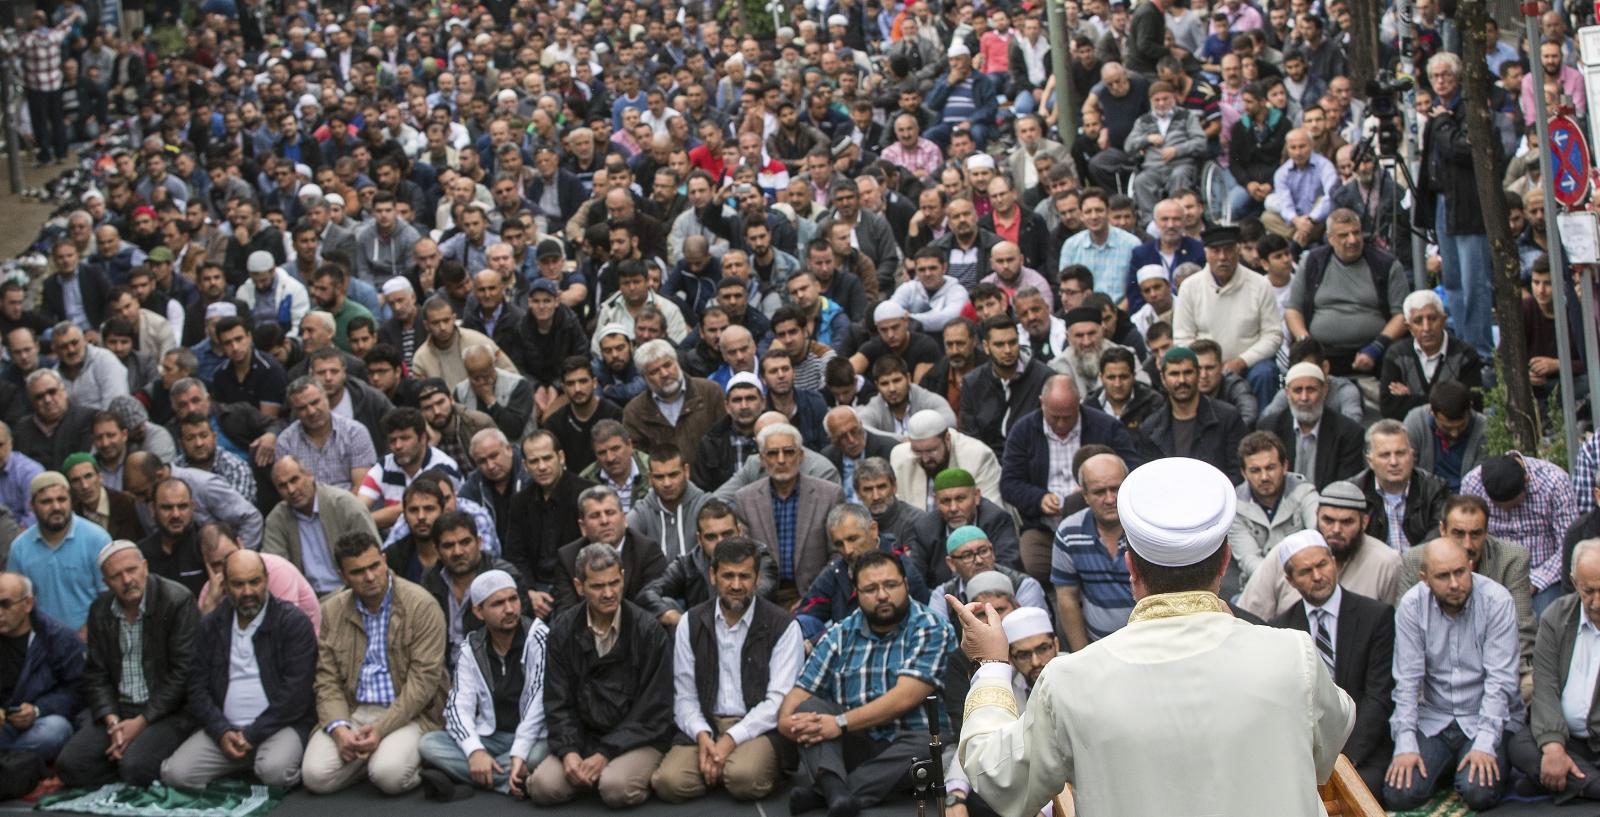 ISIS: German Muslims Demonstrate Against Islamic State 'Murderers'